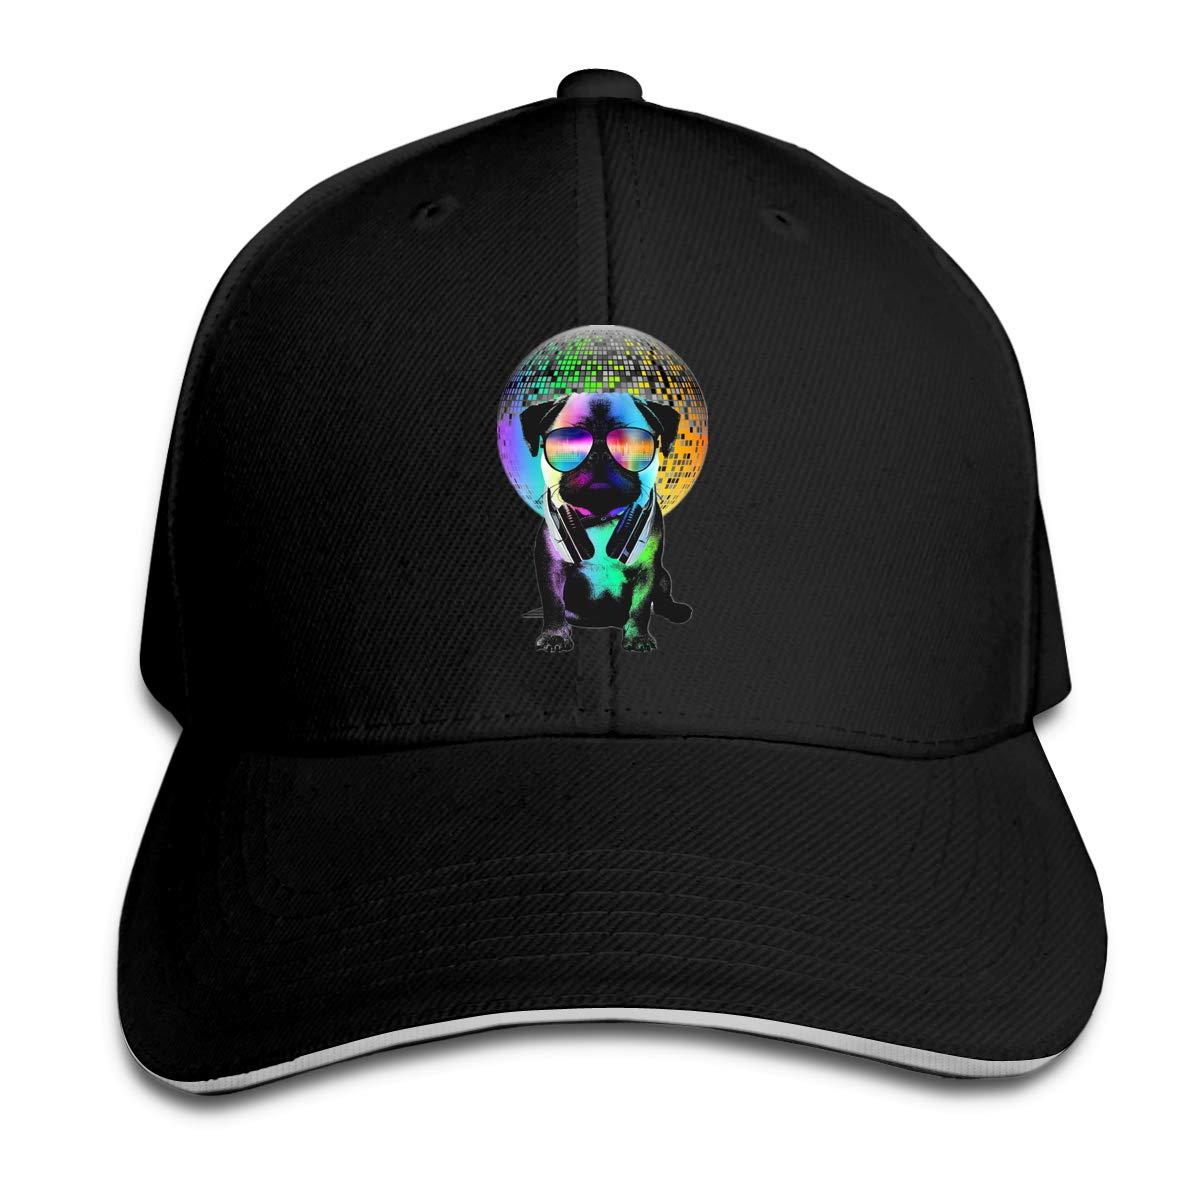 Disco Pug Classic Adjustable Cotton Baseball Caps Trucker Driver Hat Outdoor Cap Black